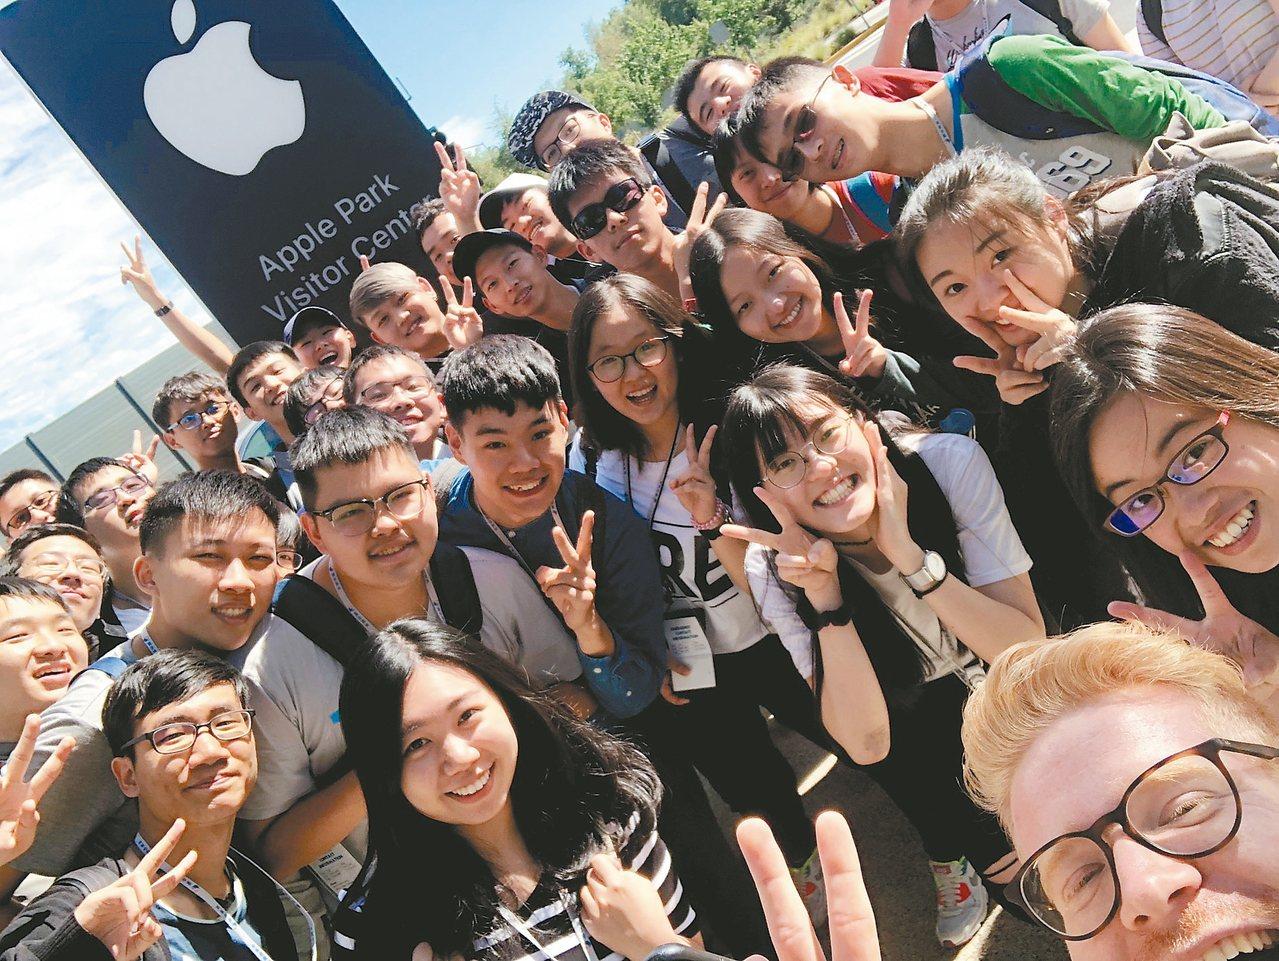 矽谷科技營學員參觀蘋果總部後留影。 圖╱聯合報行旅事業部提供